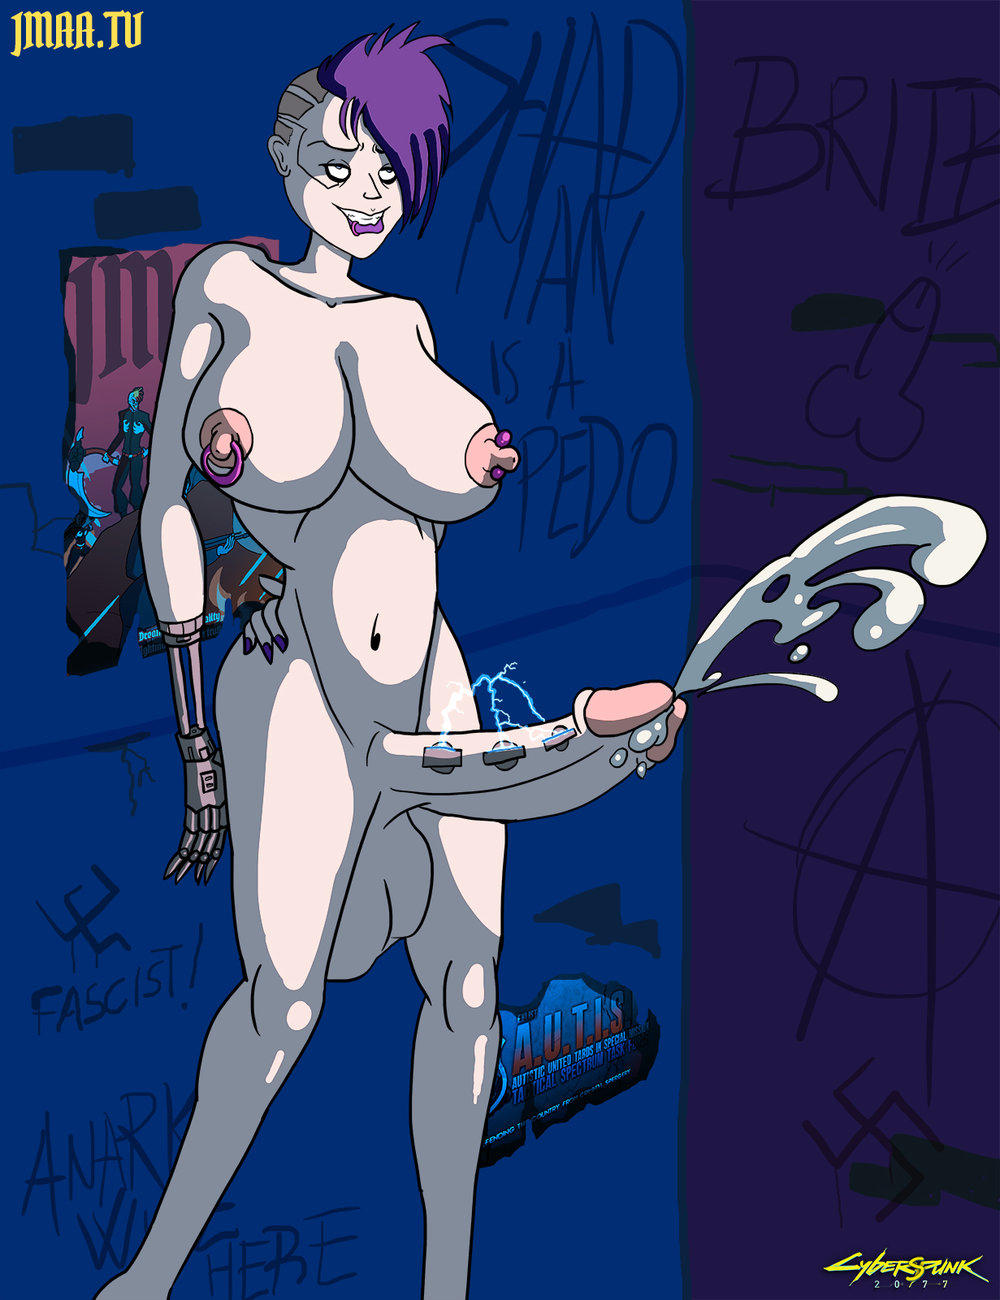 Cyberspunk 2077 - Genital Augmentation